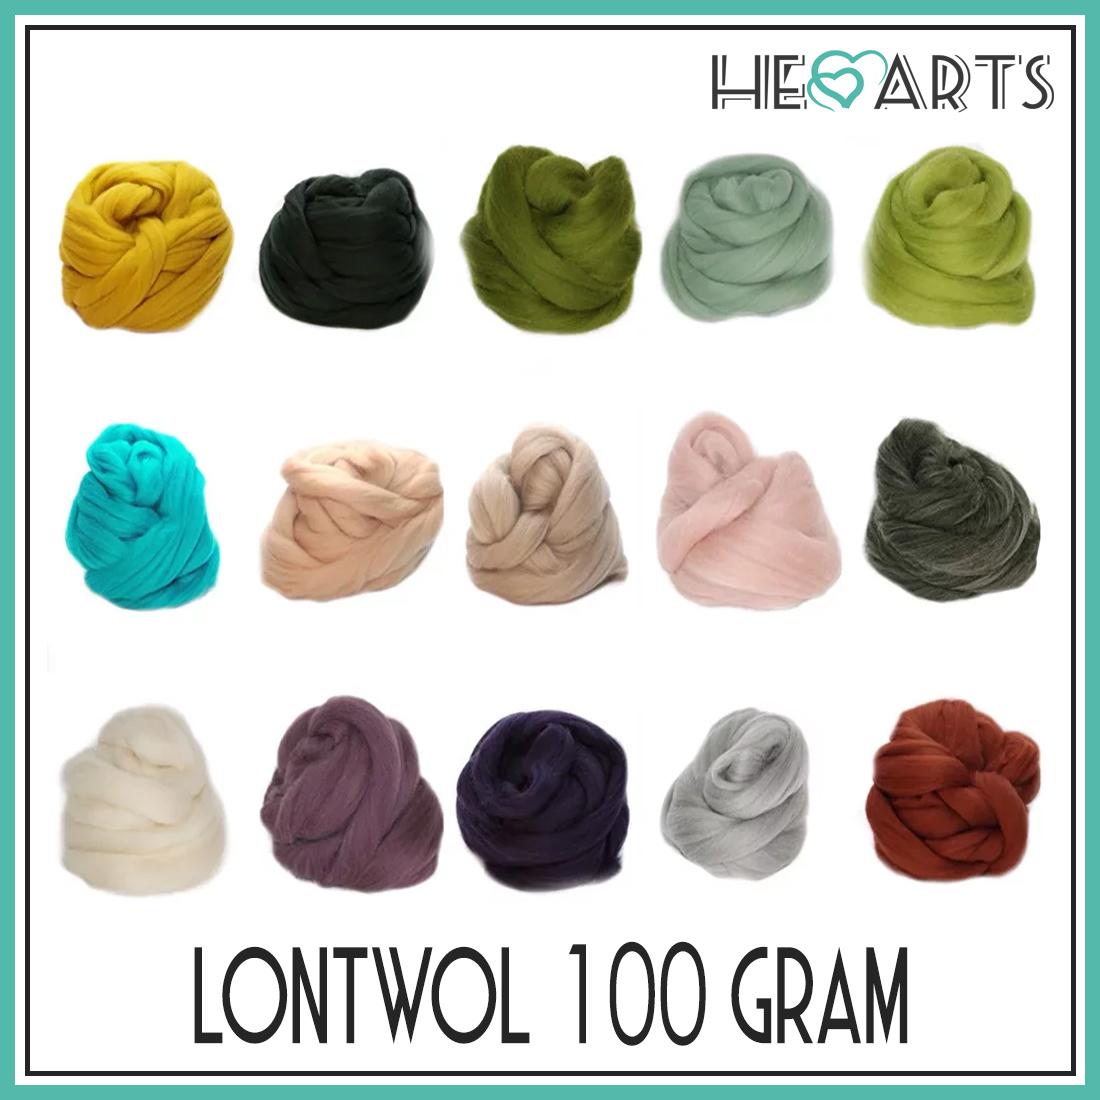 lontwol per 100 gram